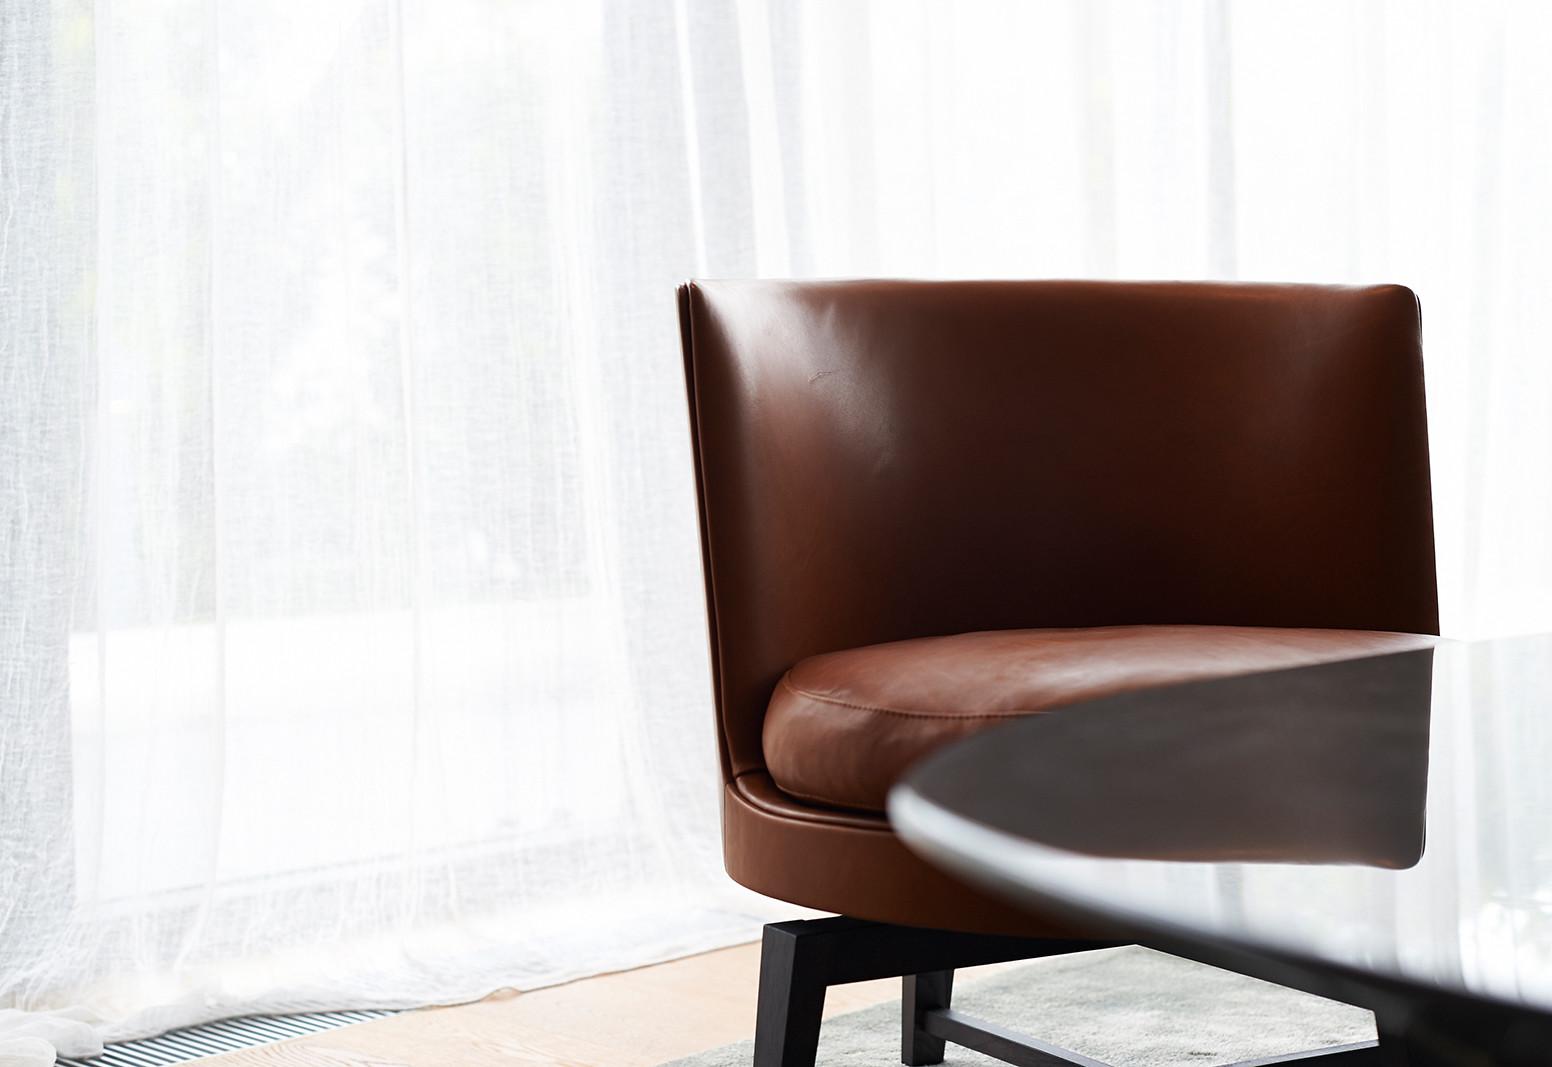 Hier sehen Sie ein Bild von Stefanie Raum Wohnzimmer Sessel Raum Contemporary Interior